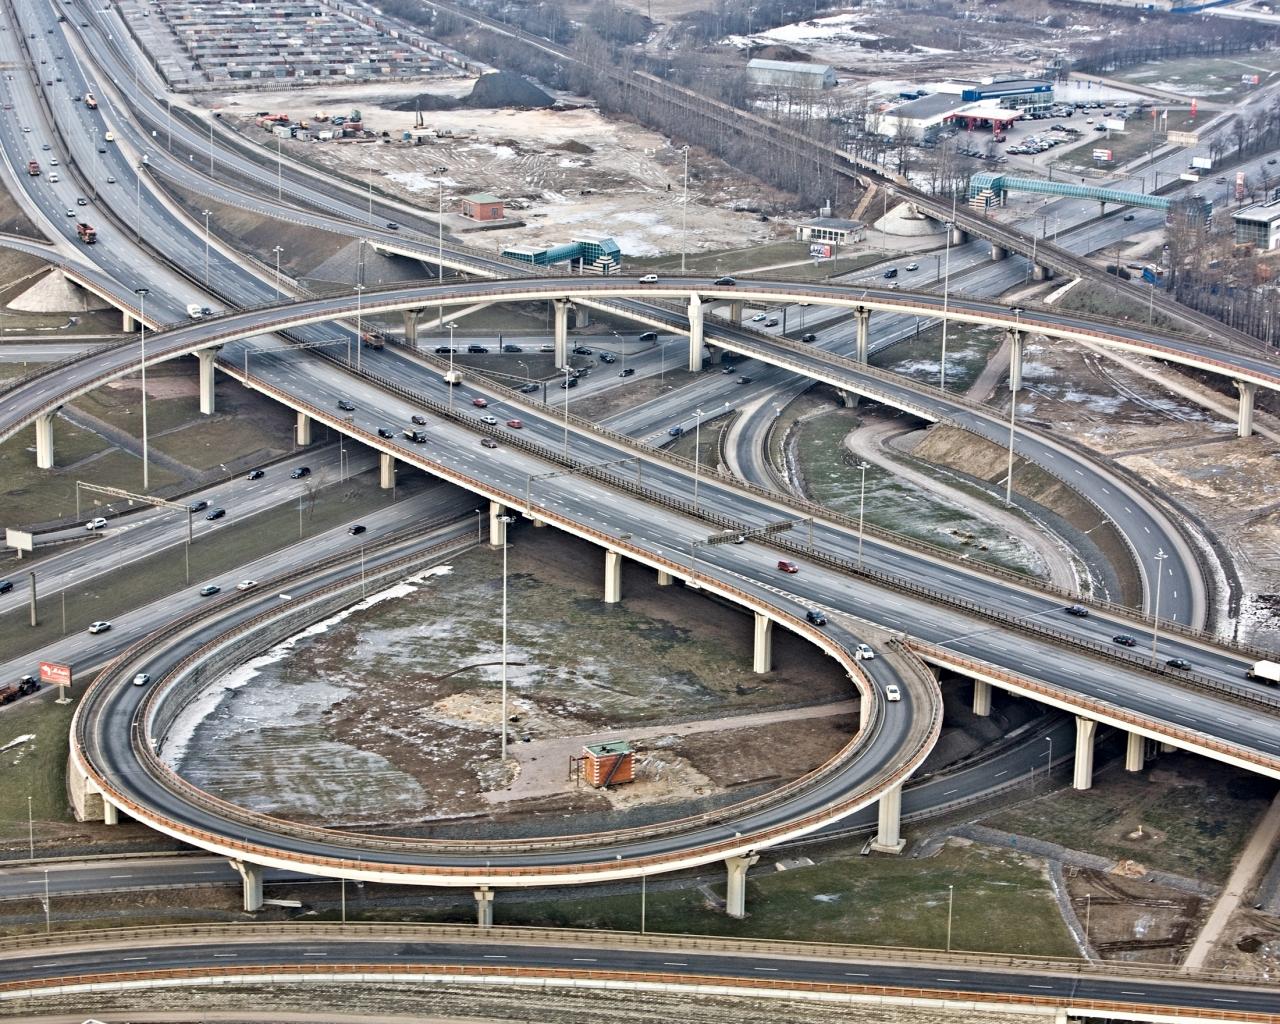 Более 1 млрд рублей направят на обеспечения транспортной безопасности объектов Кольцевой автомобильной дороги вокруг Санкт-Петербурга